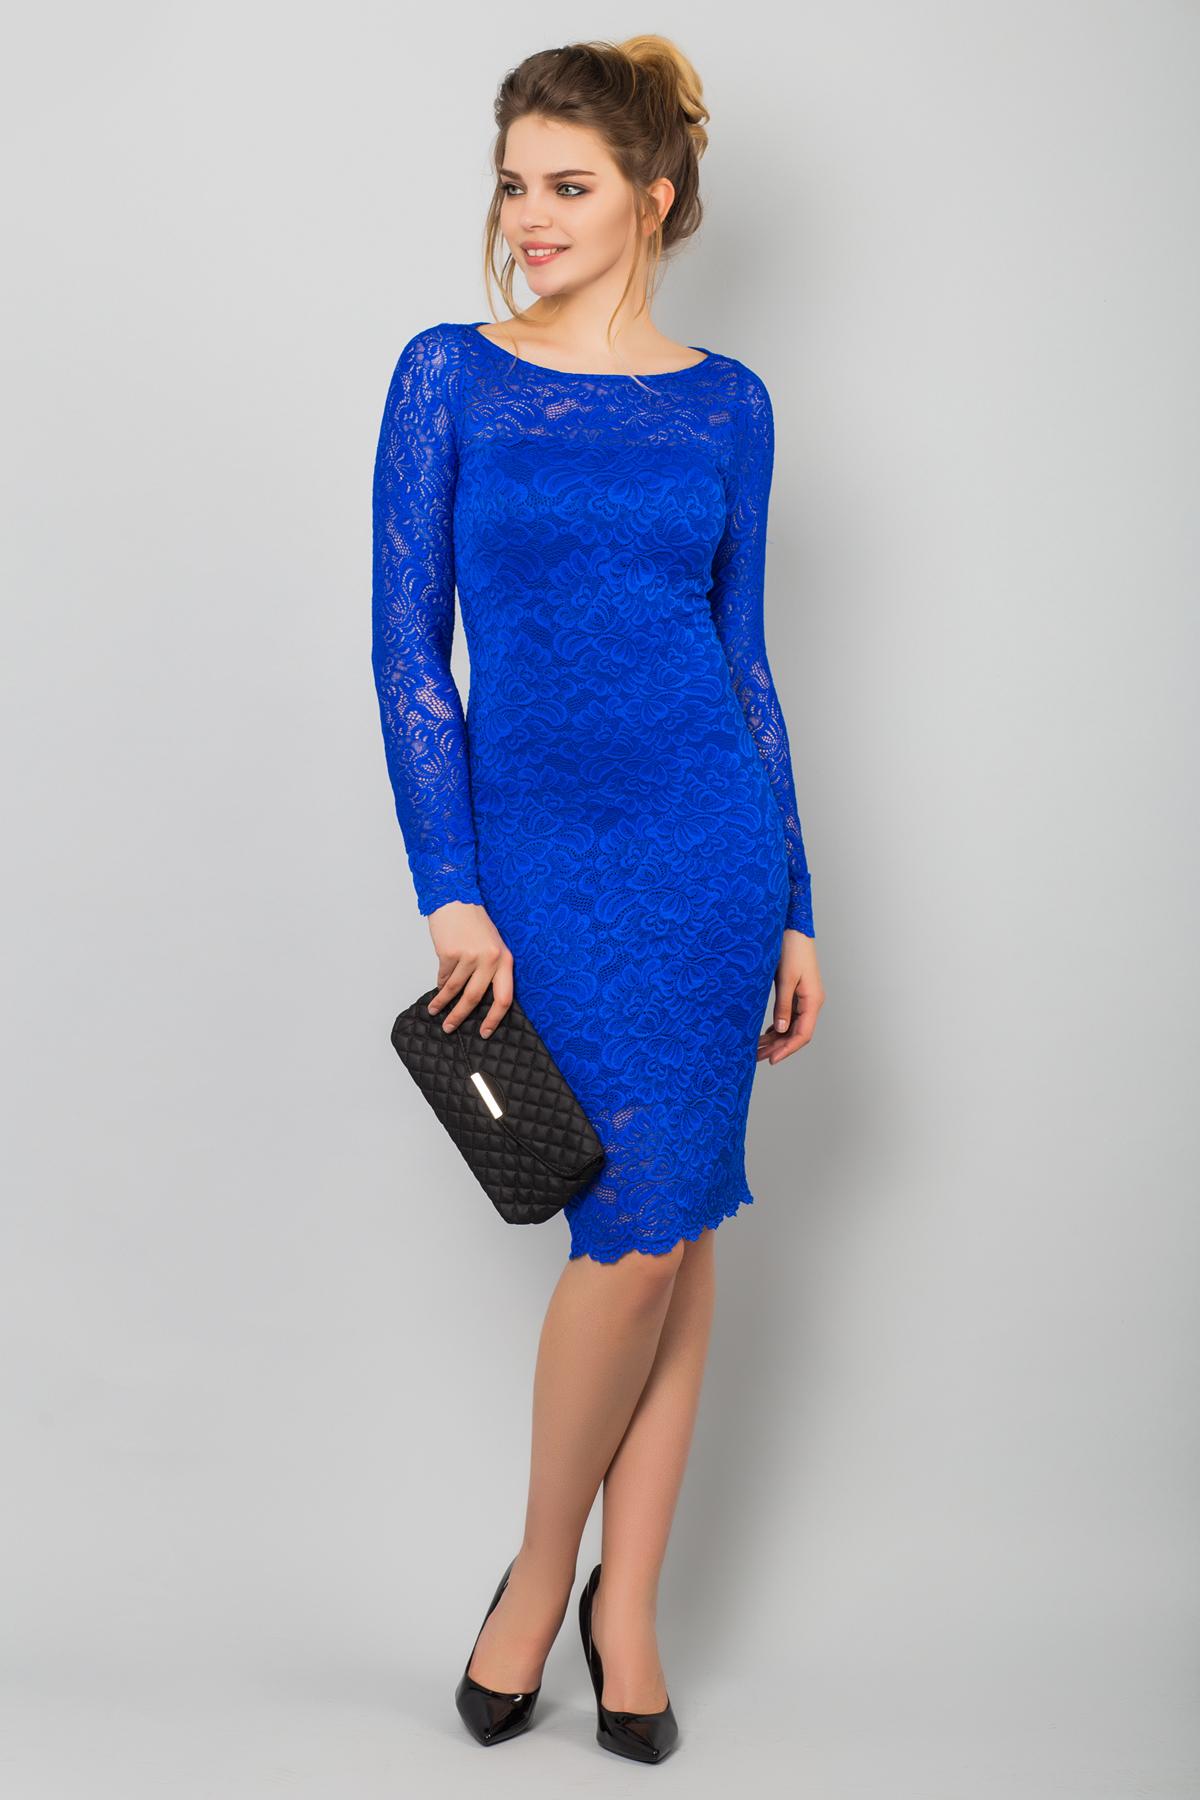 Фото синие платья с гипюром